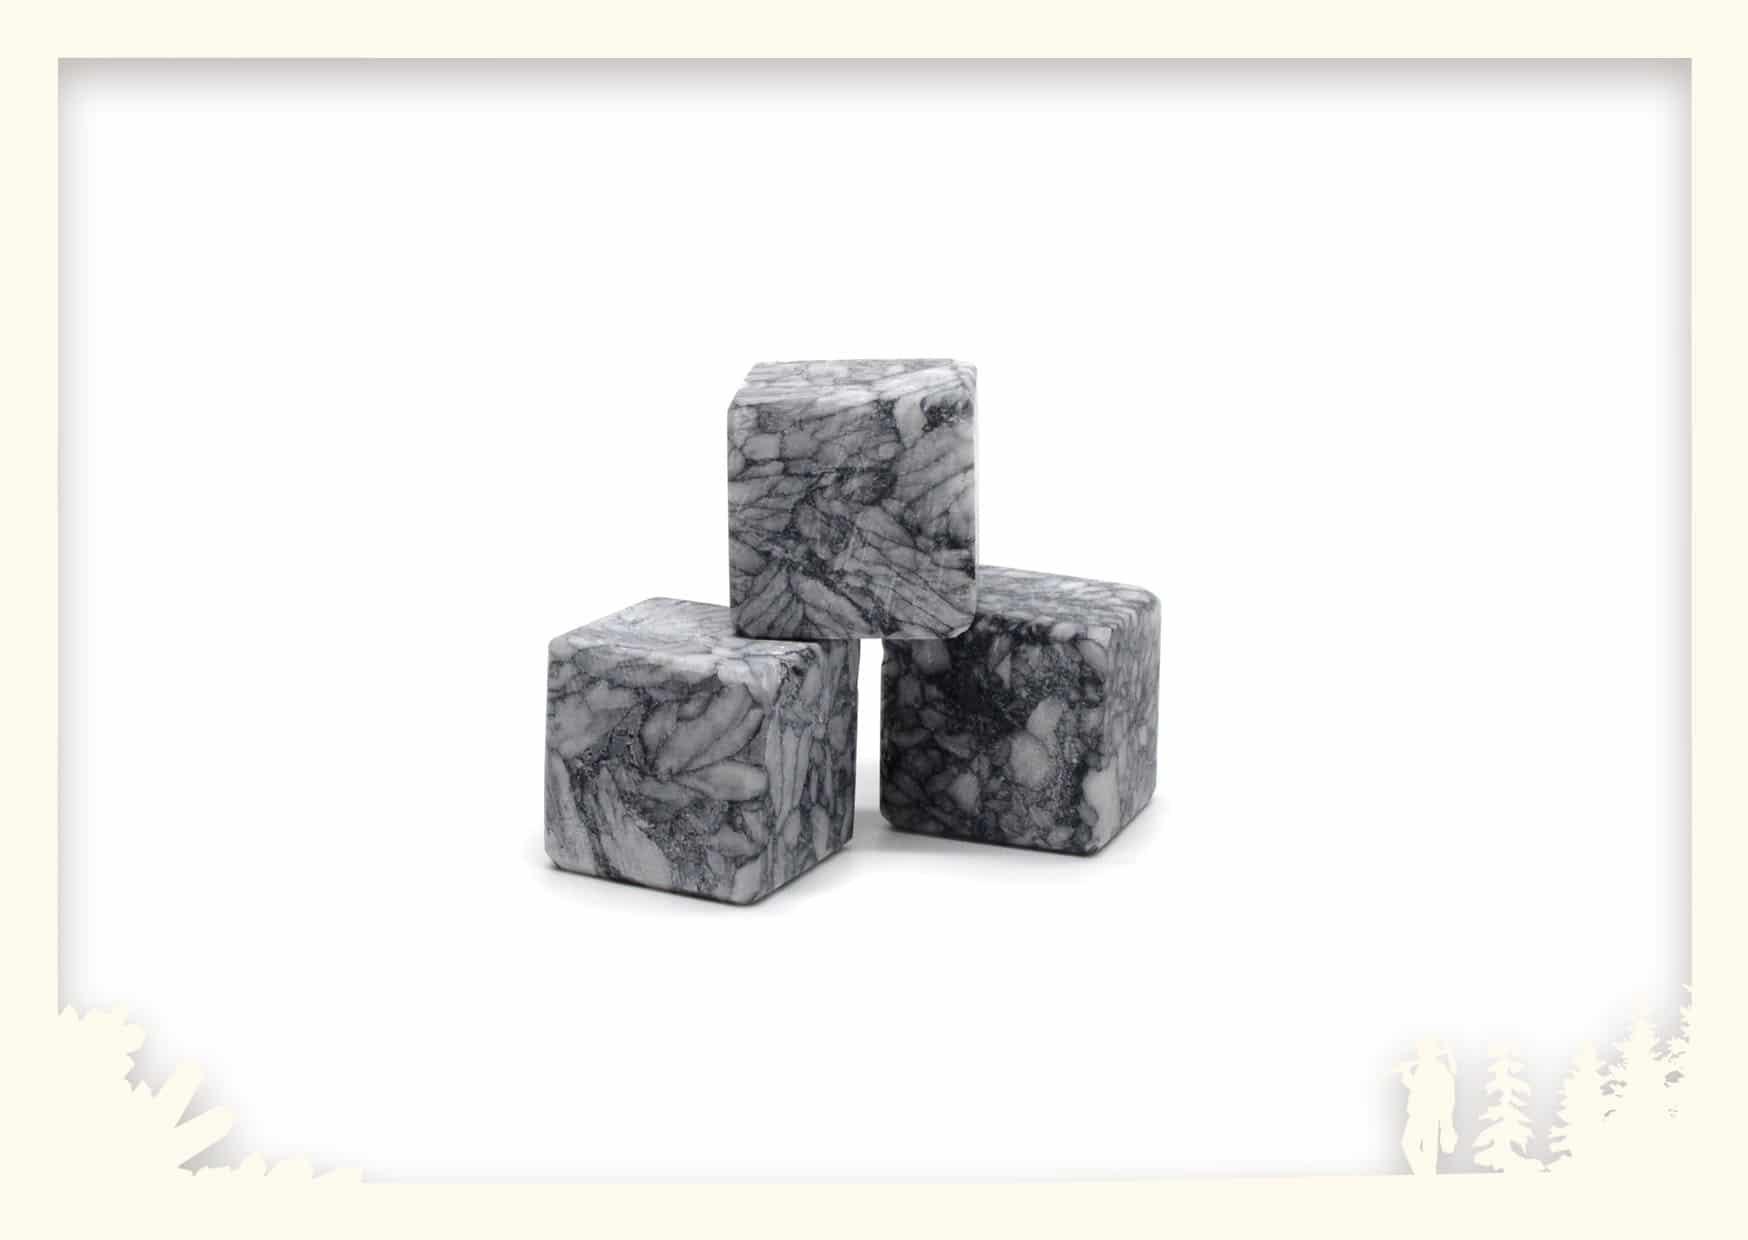 Eiswürfel aus steirischem Naturstein